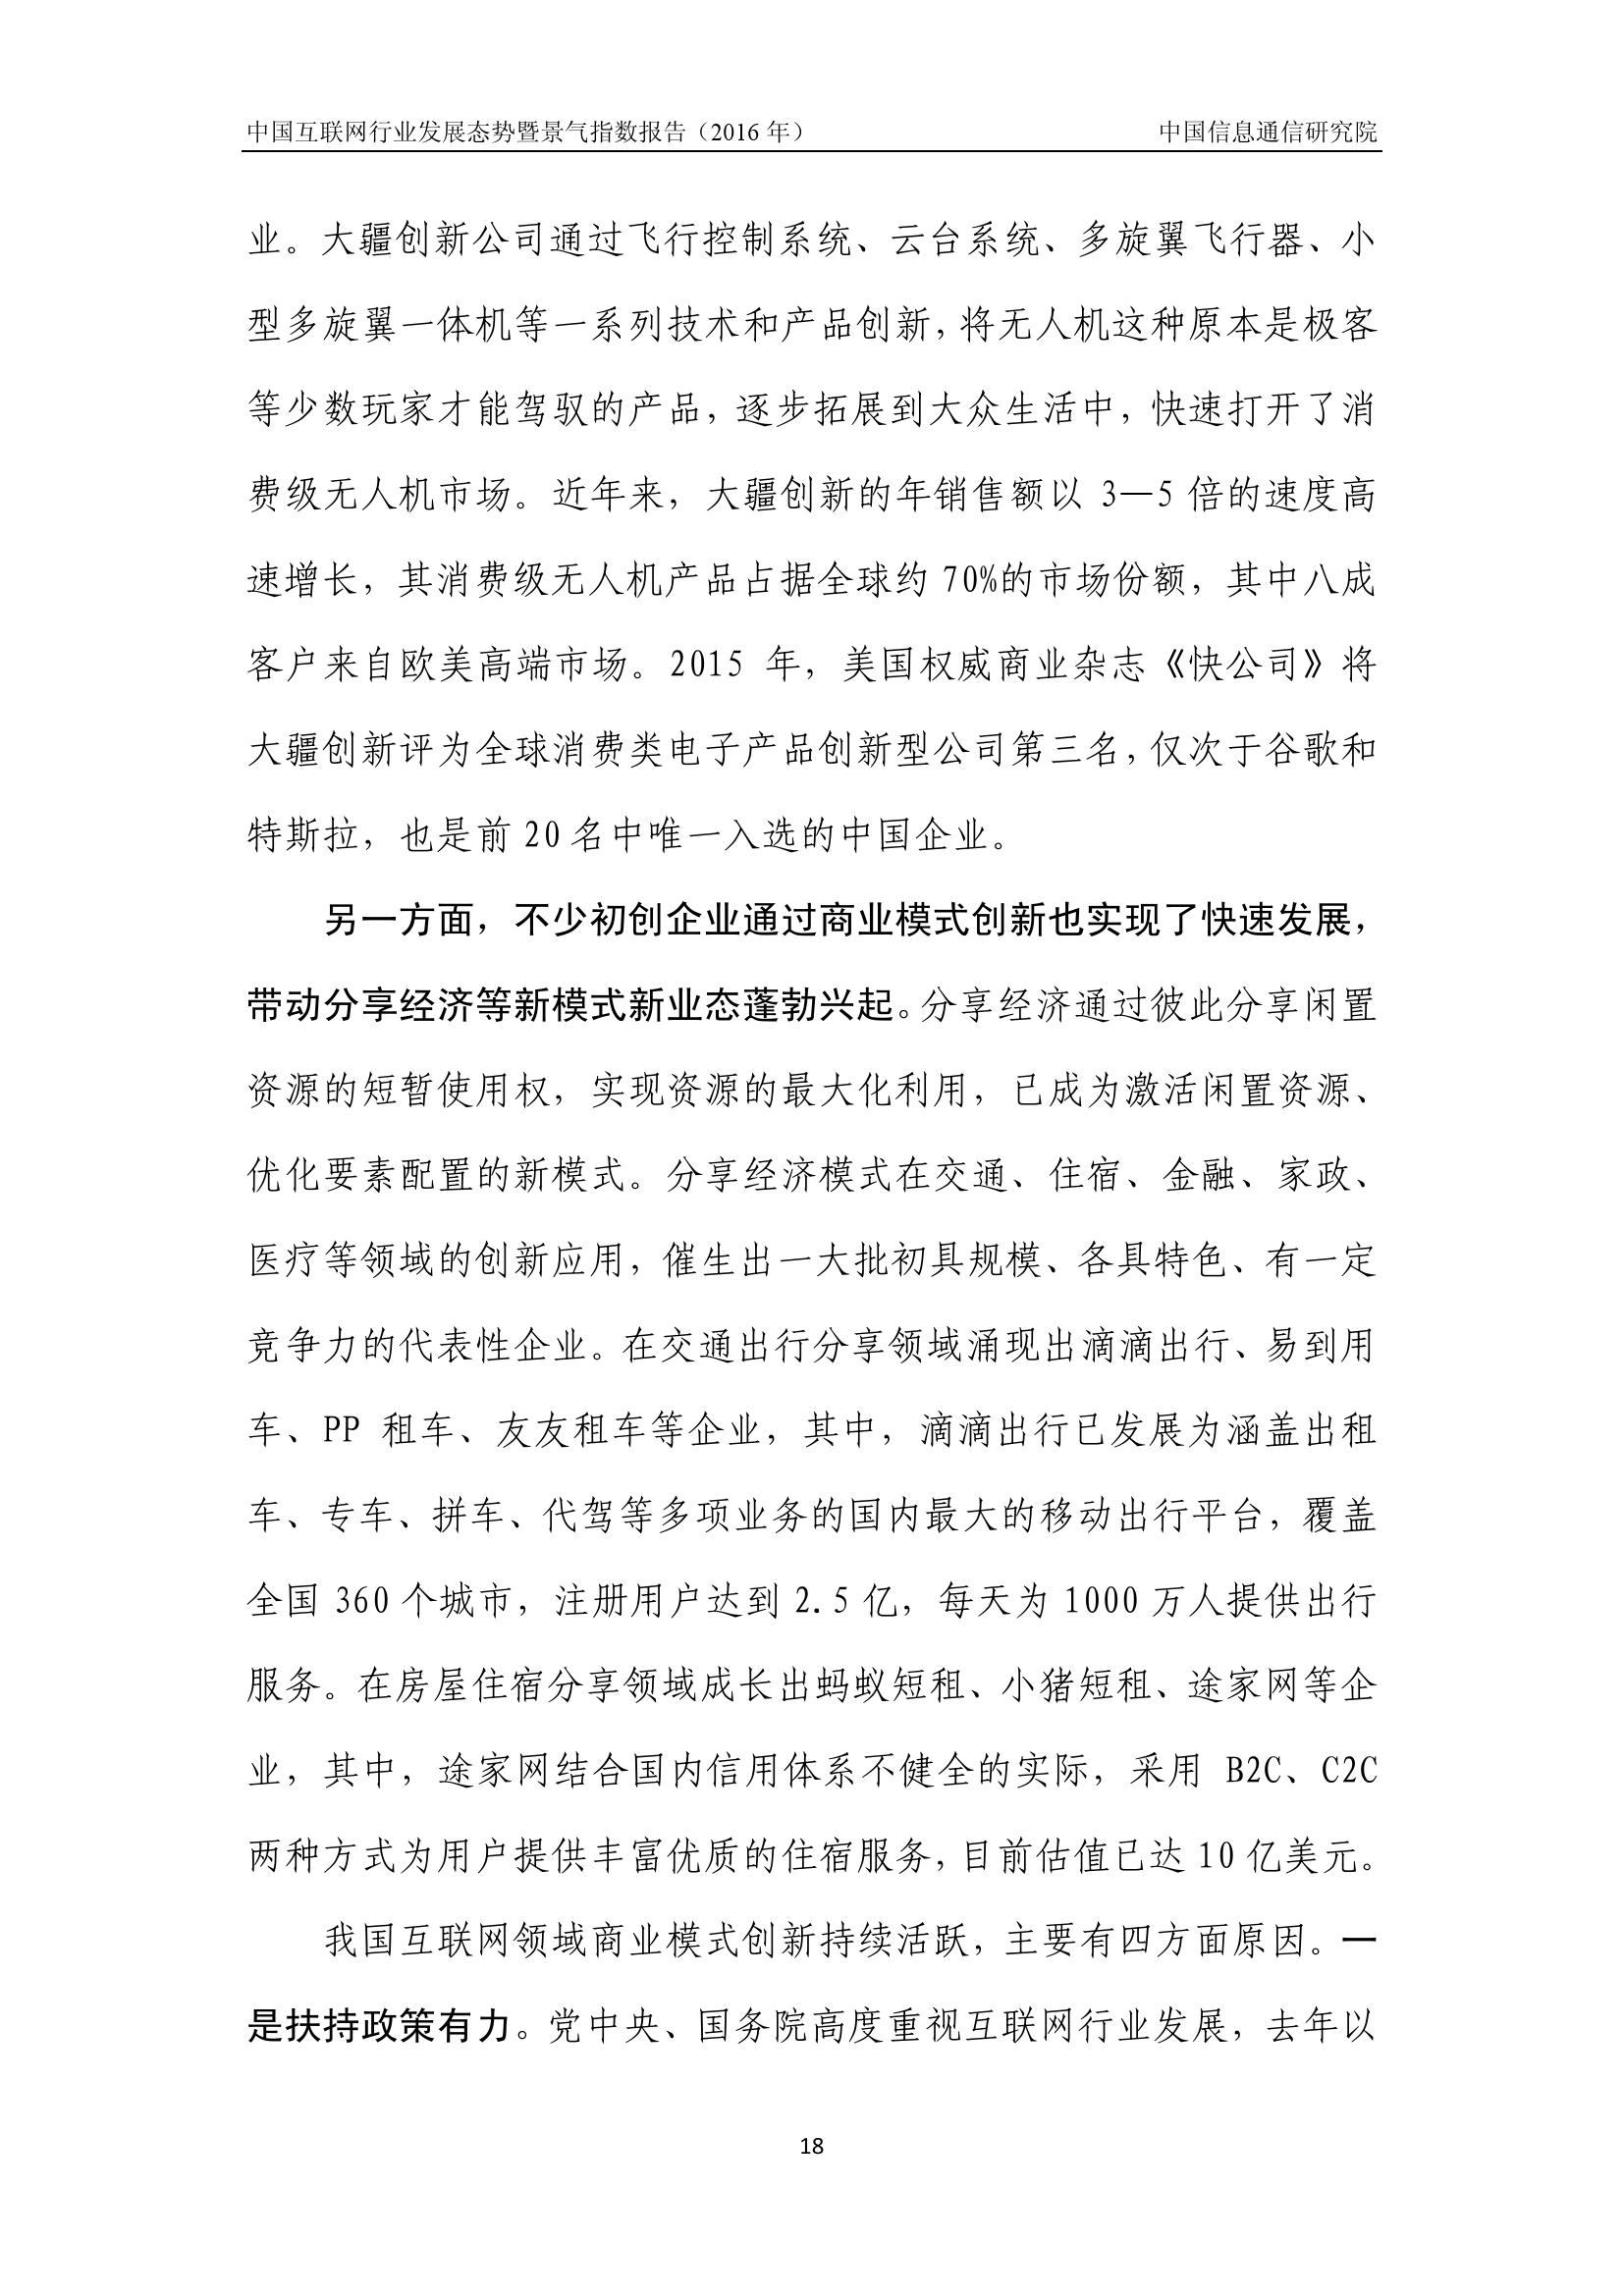 2016年中国互联网行业发展态势暨景气指数报告_000022